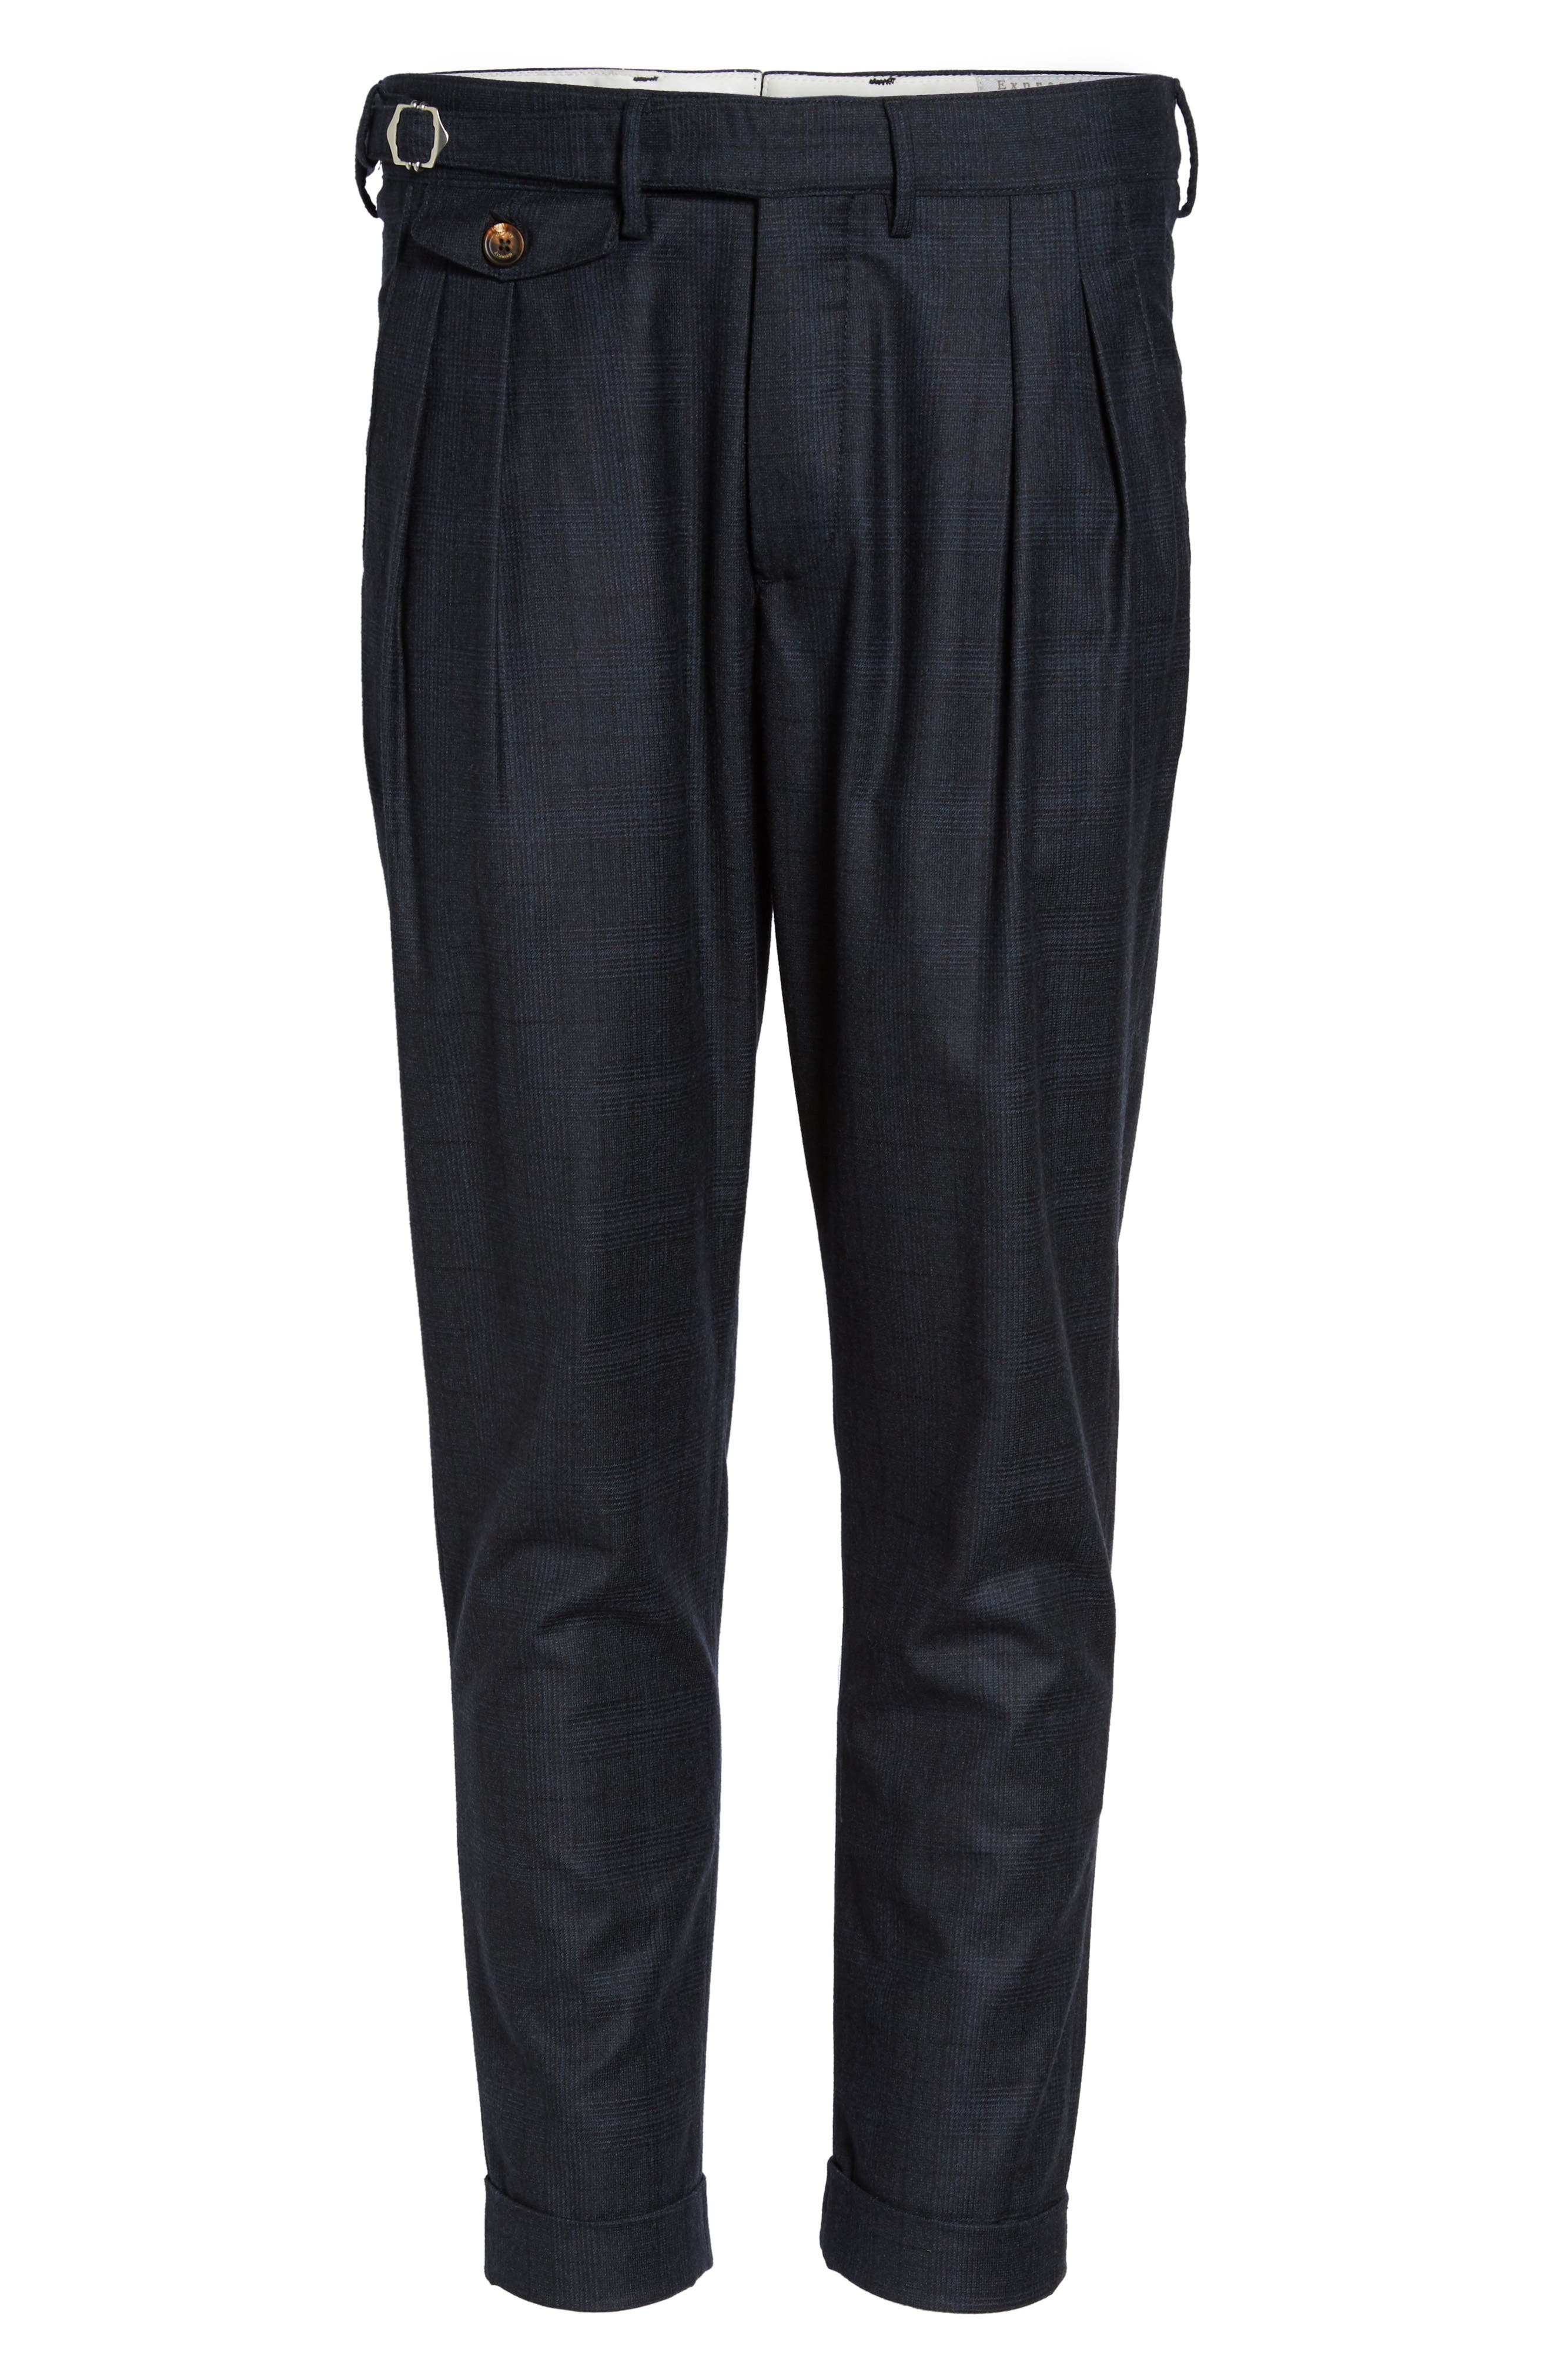 Glen Plaid Pleat Front Wool Pants,                             Alternate thumbnail 6, color,                             410